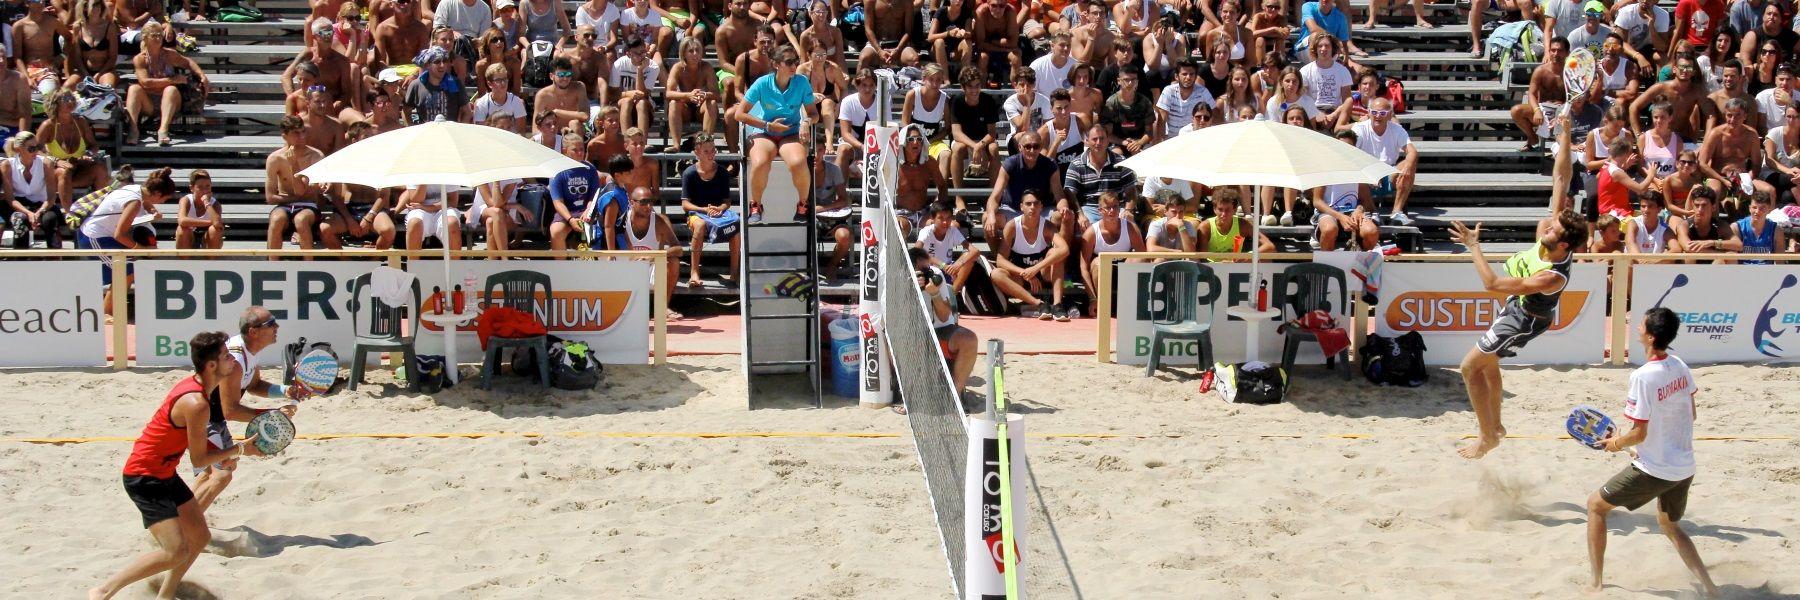 International Beach Tennis World Tour Cervia